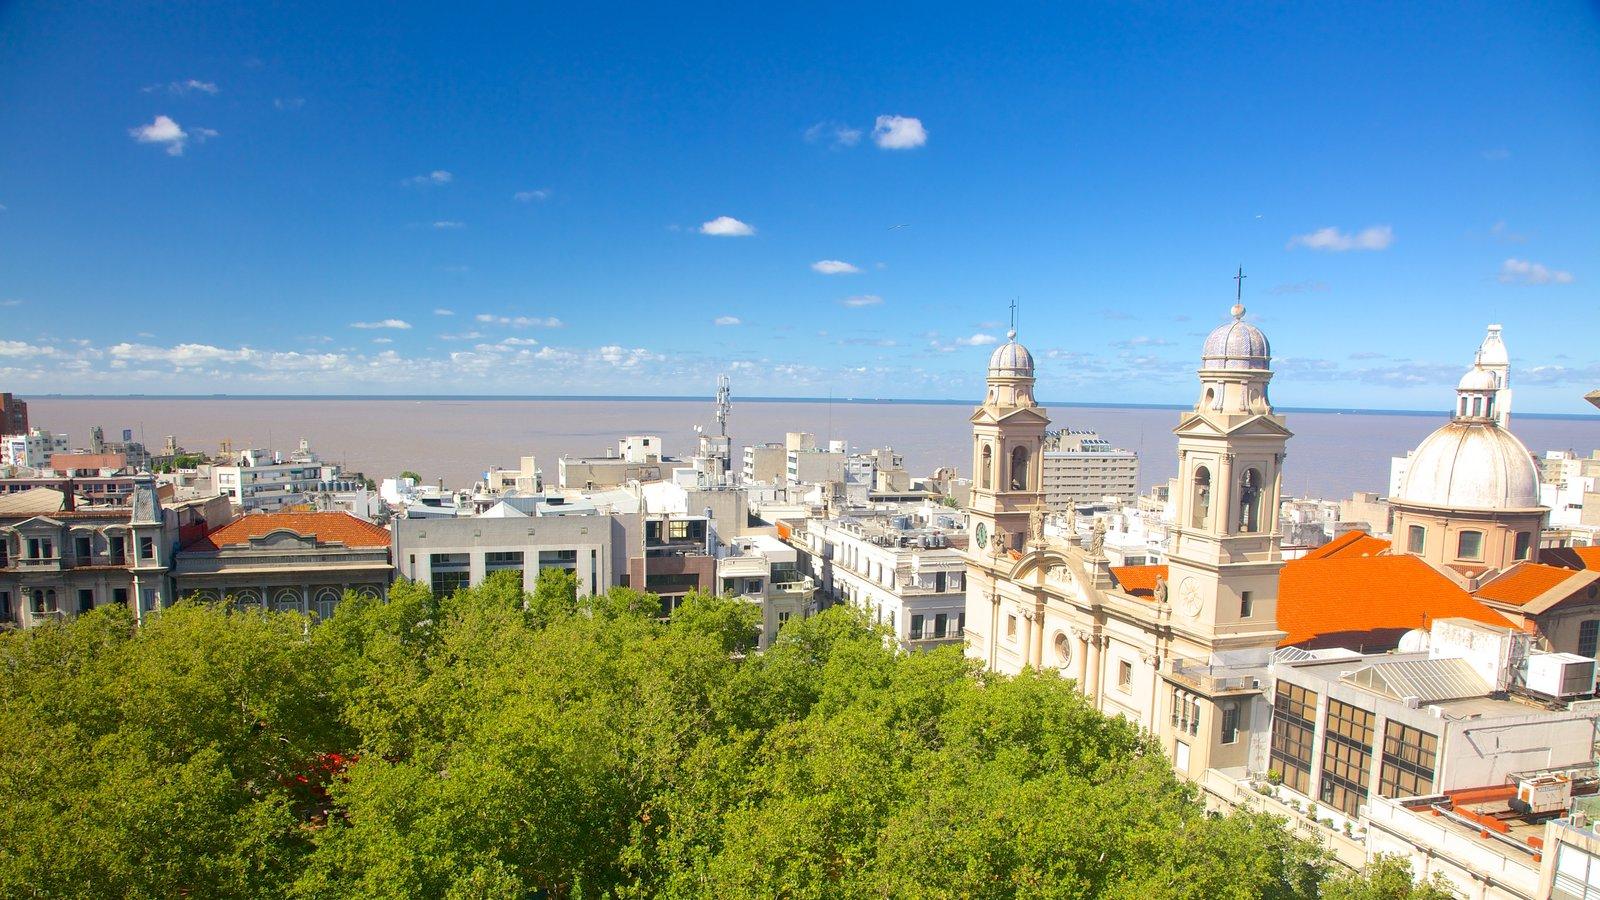 Catedral de Montevideo que inclui uma cidade, uma igreja ou catedral e arquitetura de patrimônio